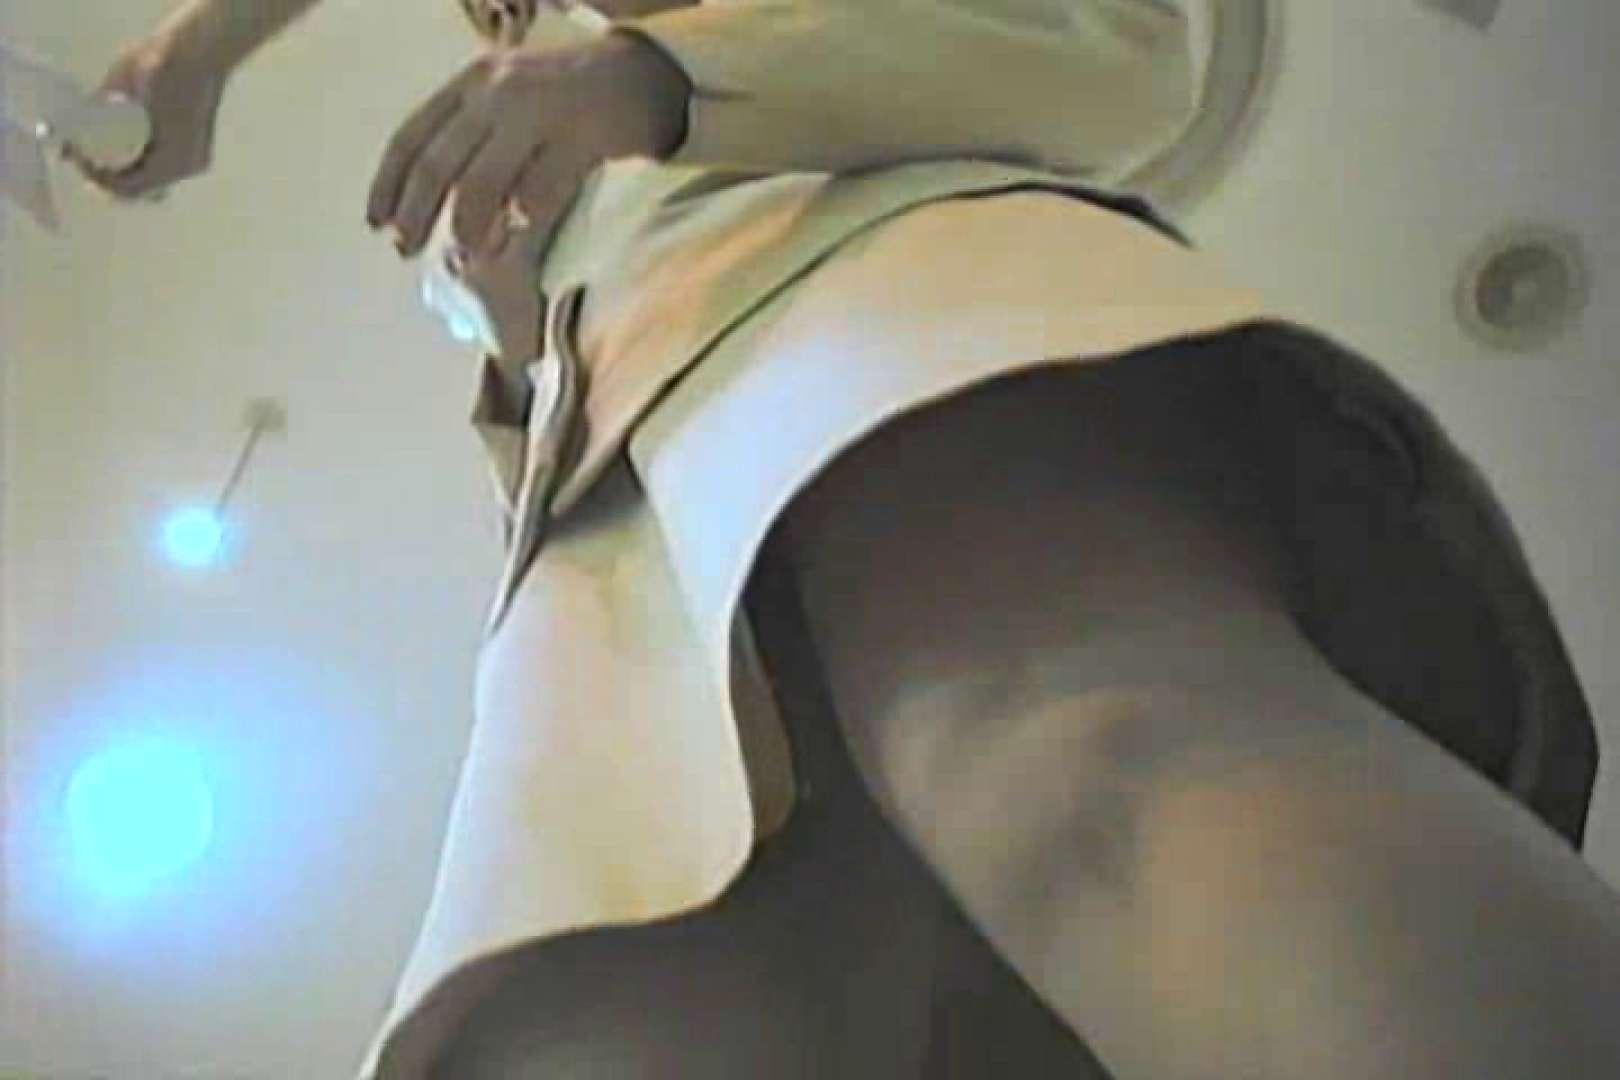 デパートローアングル徘徊 靴カメ盗撮Vol.2 フリーハンド オマンコ無修正動画無料 99pic 34